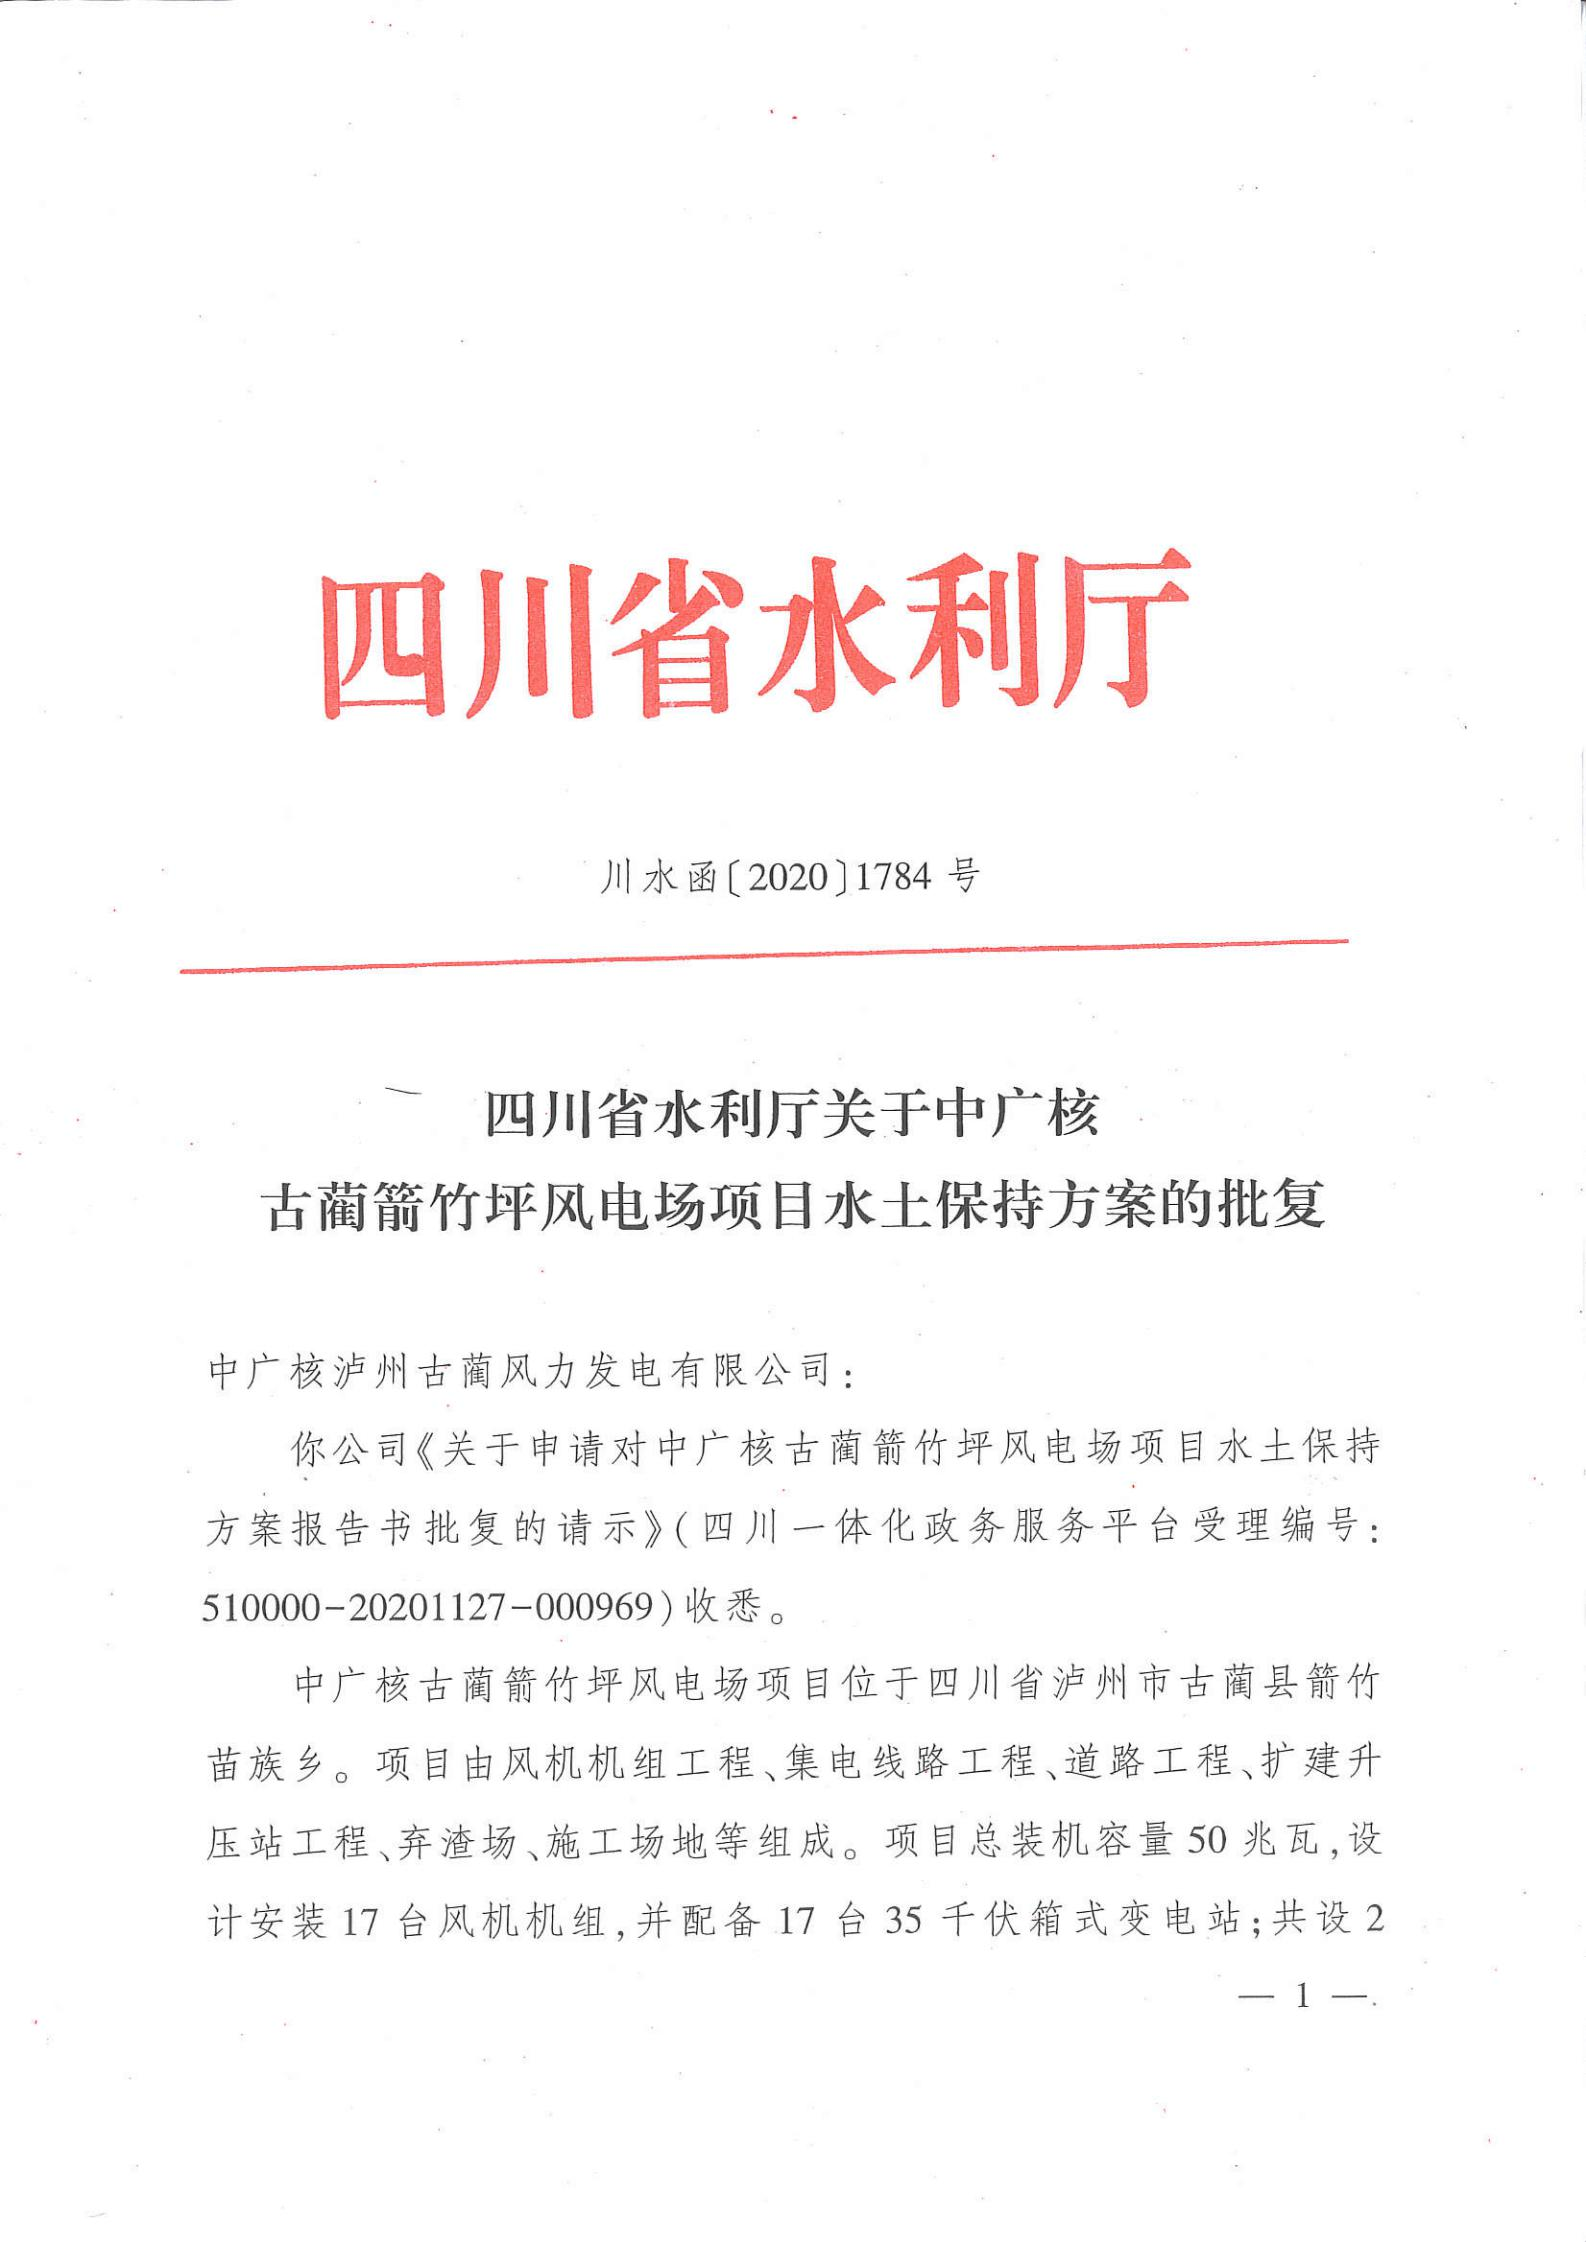 ZM2020-052 中广核古蔺箭竹坪风电场水土保持方案编制与批复项目服务合同-批复_00.jpg